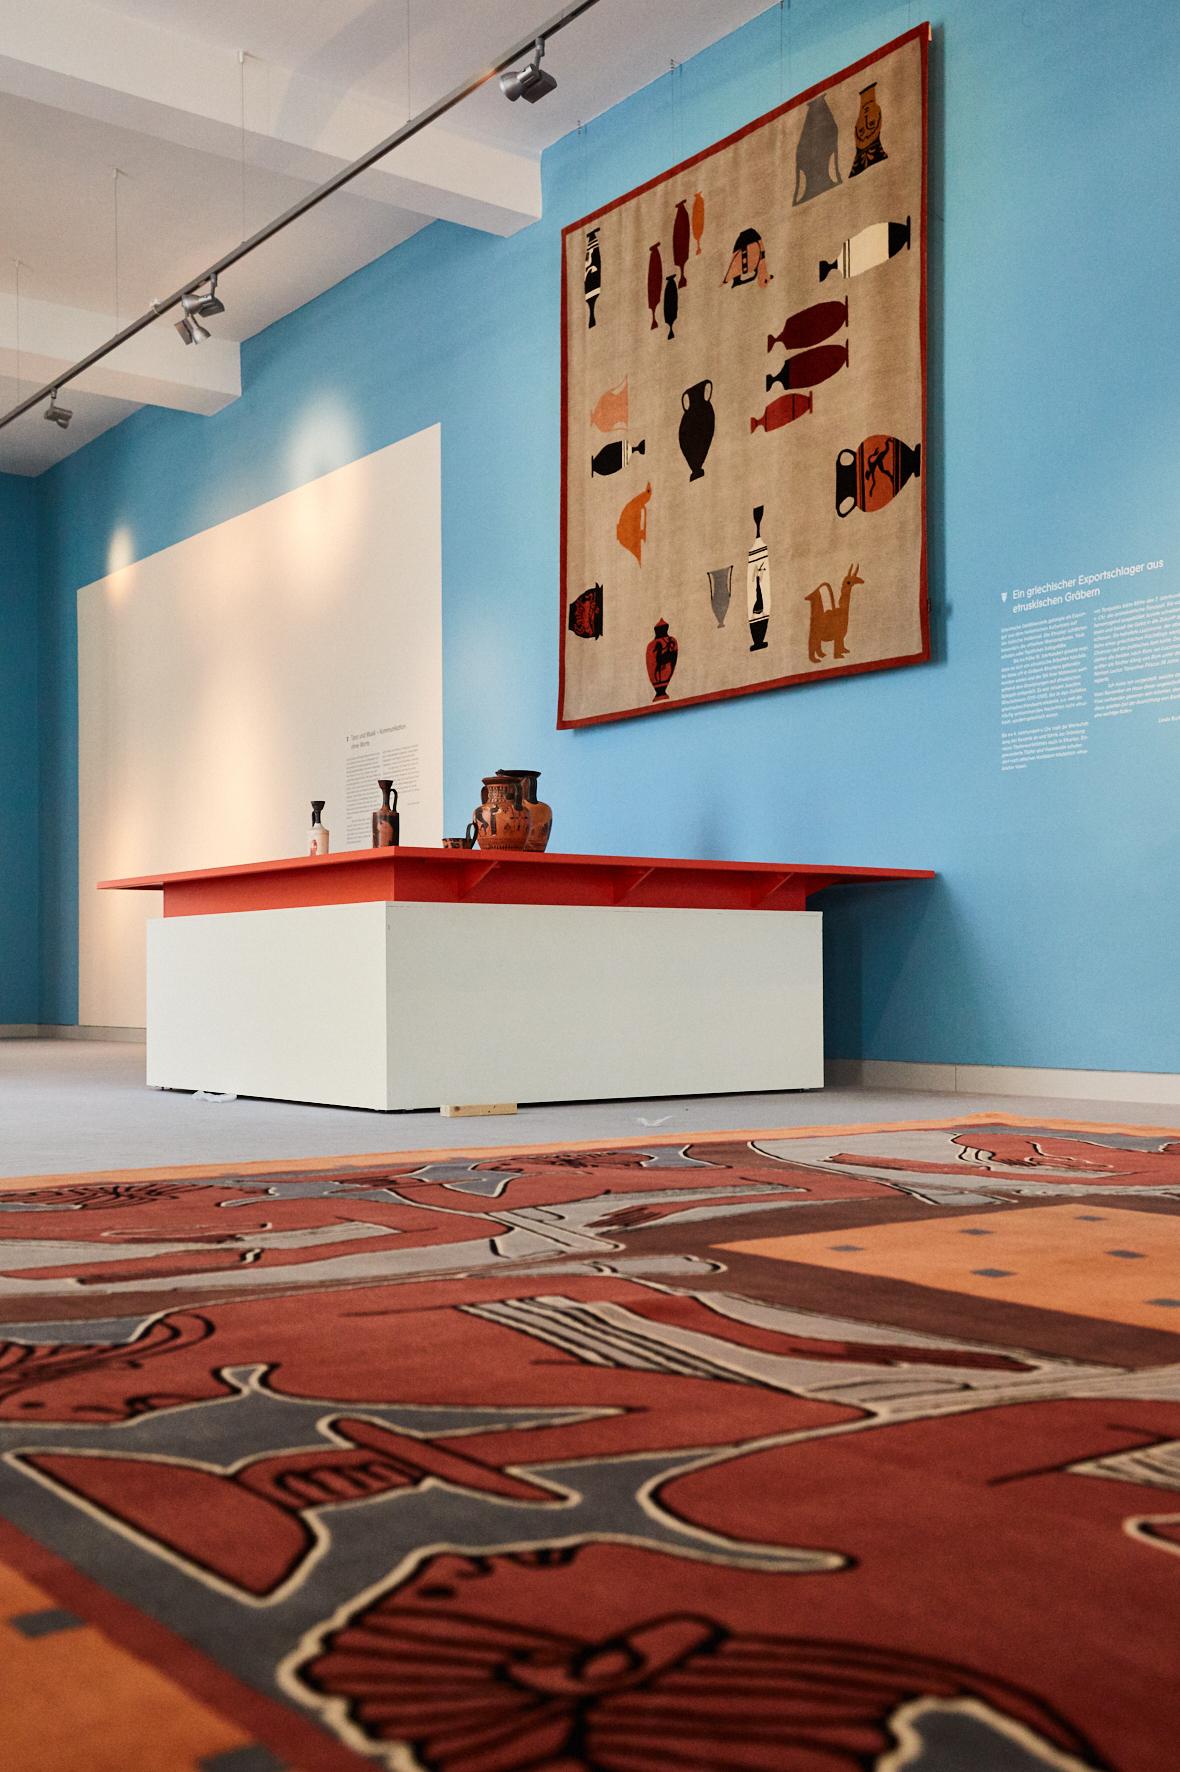 Blick in die Ausstellung  Foto: Christian Rose, ©Museum August Kestner